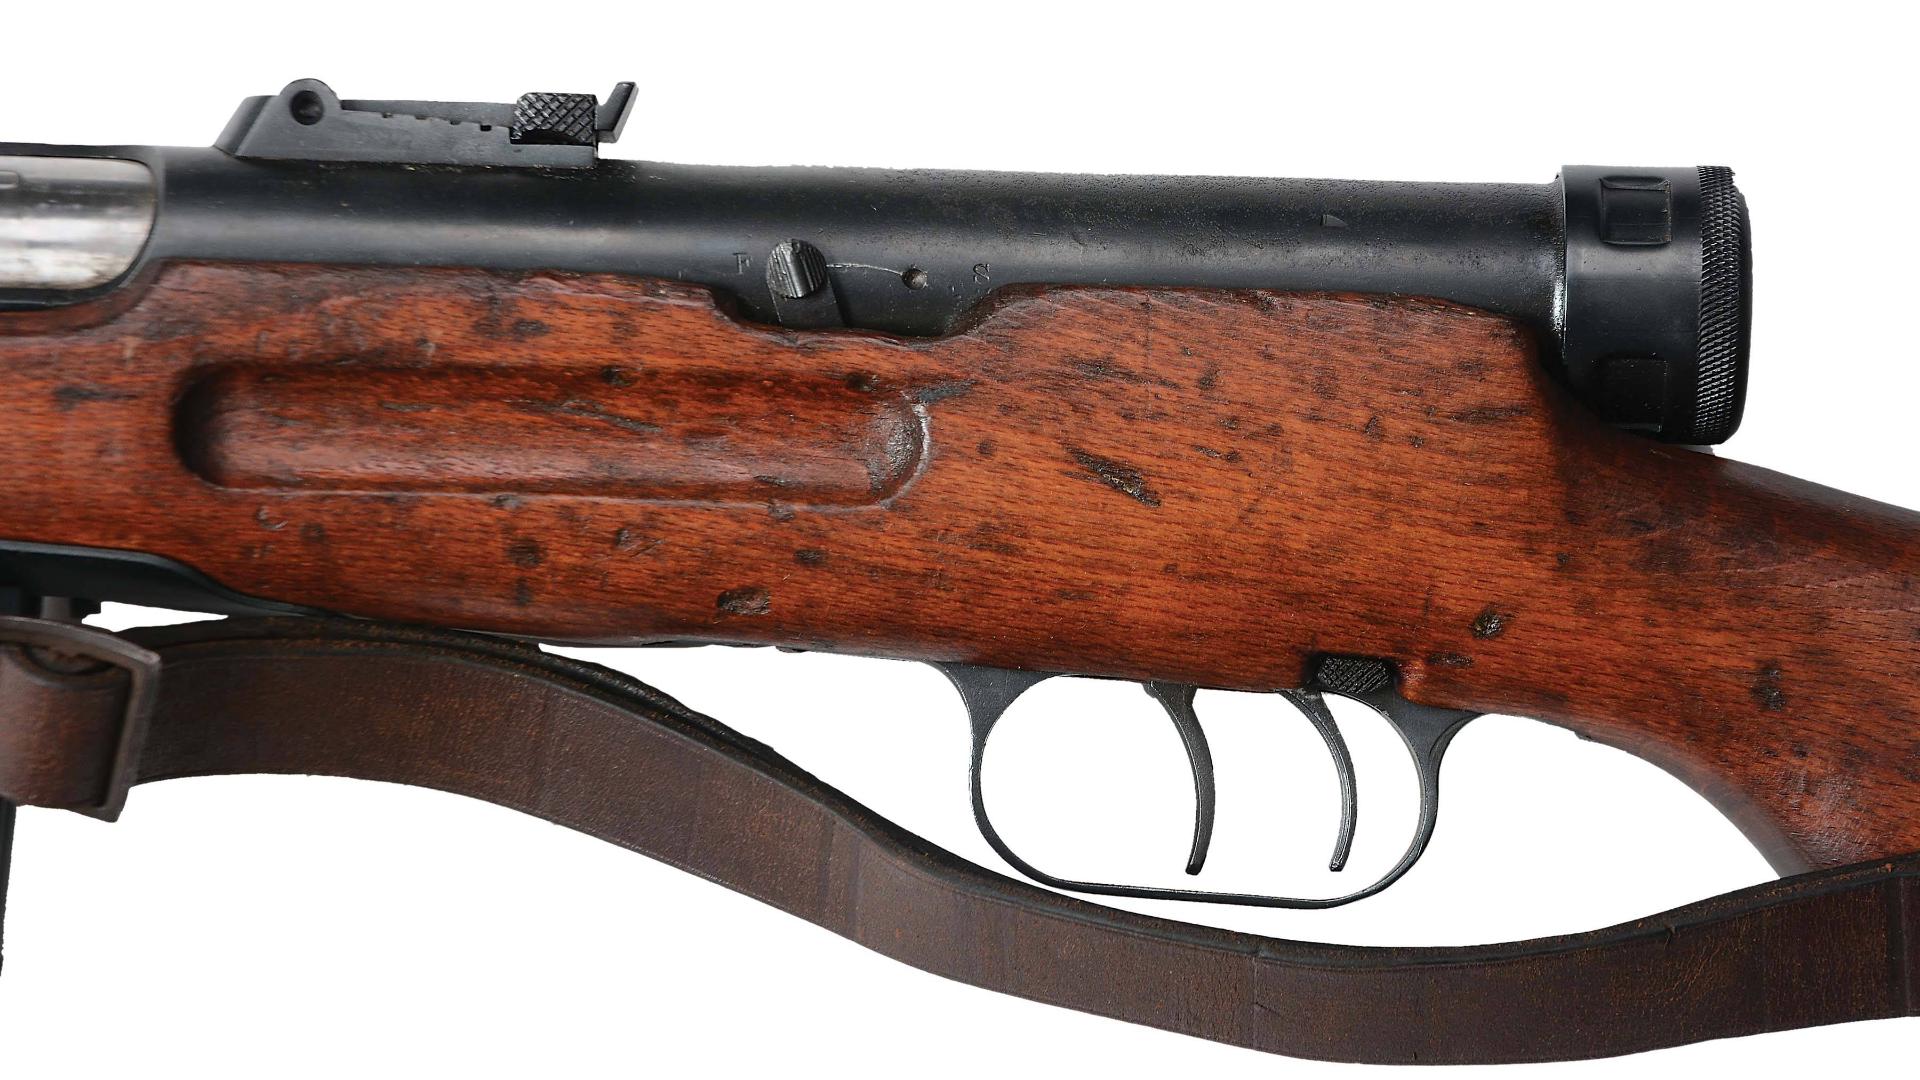 【讲堂529期】来自意大利的设计,镂空枪管套和双扳机,二战最出色的冲锋枪之一